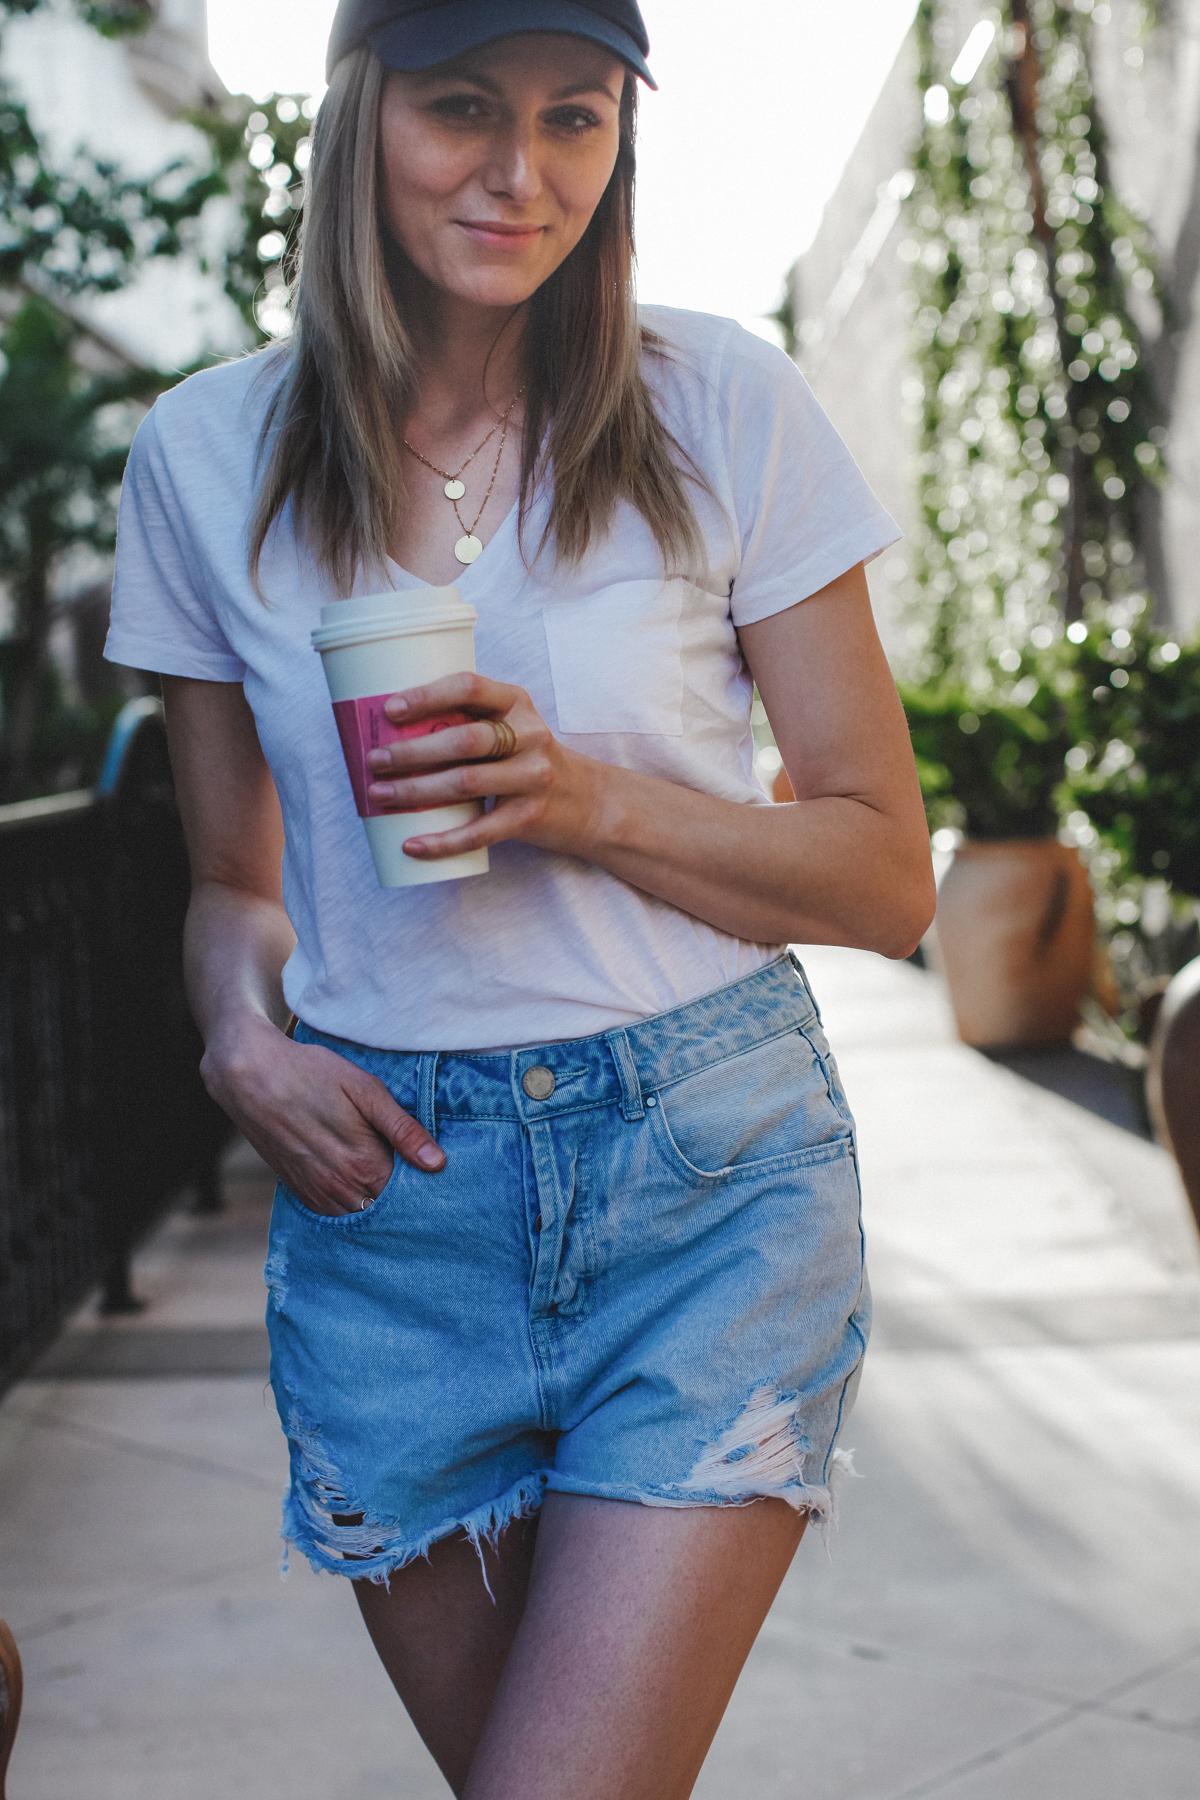 White tee and denim shorts